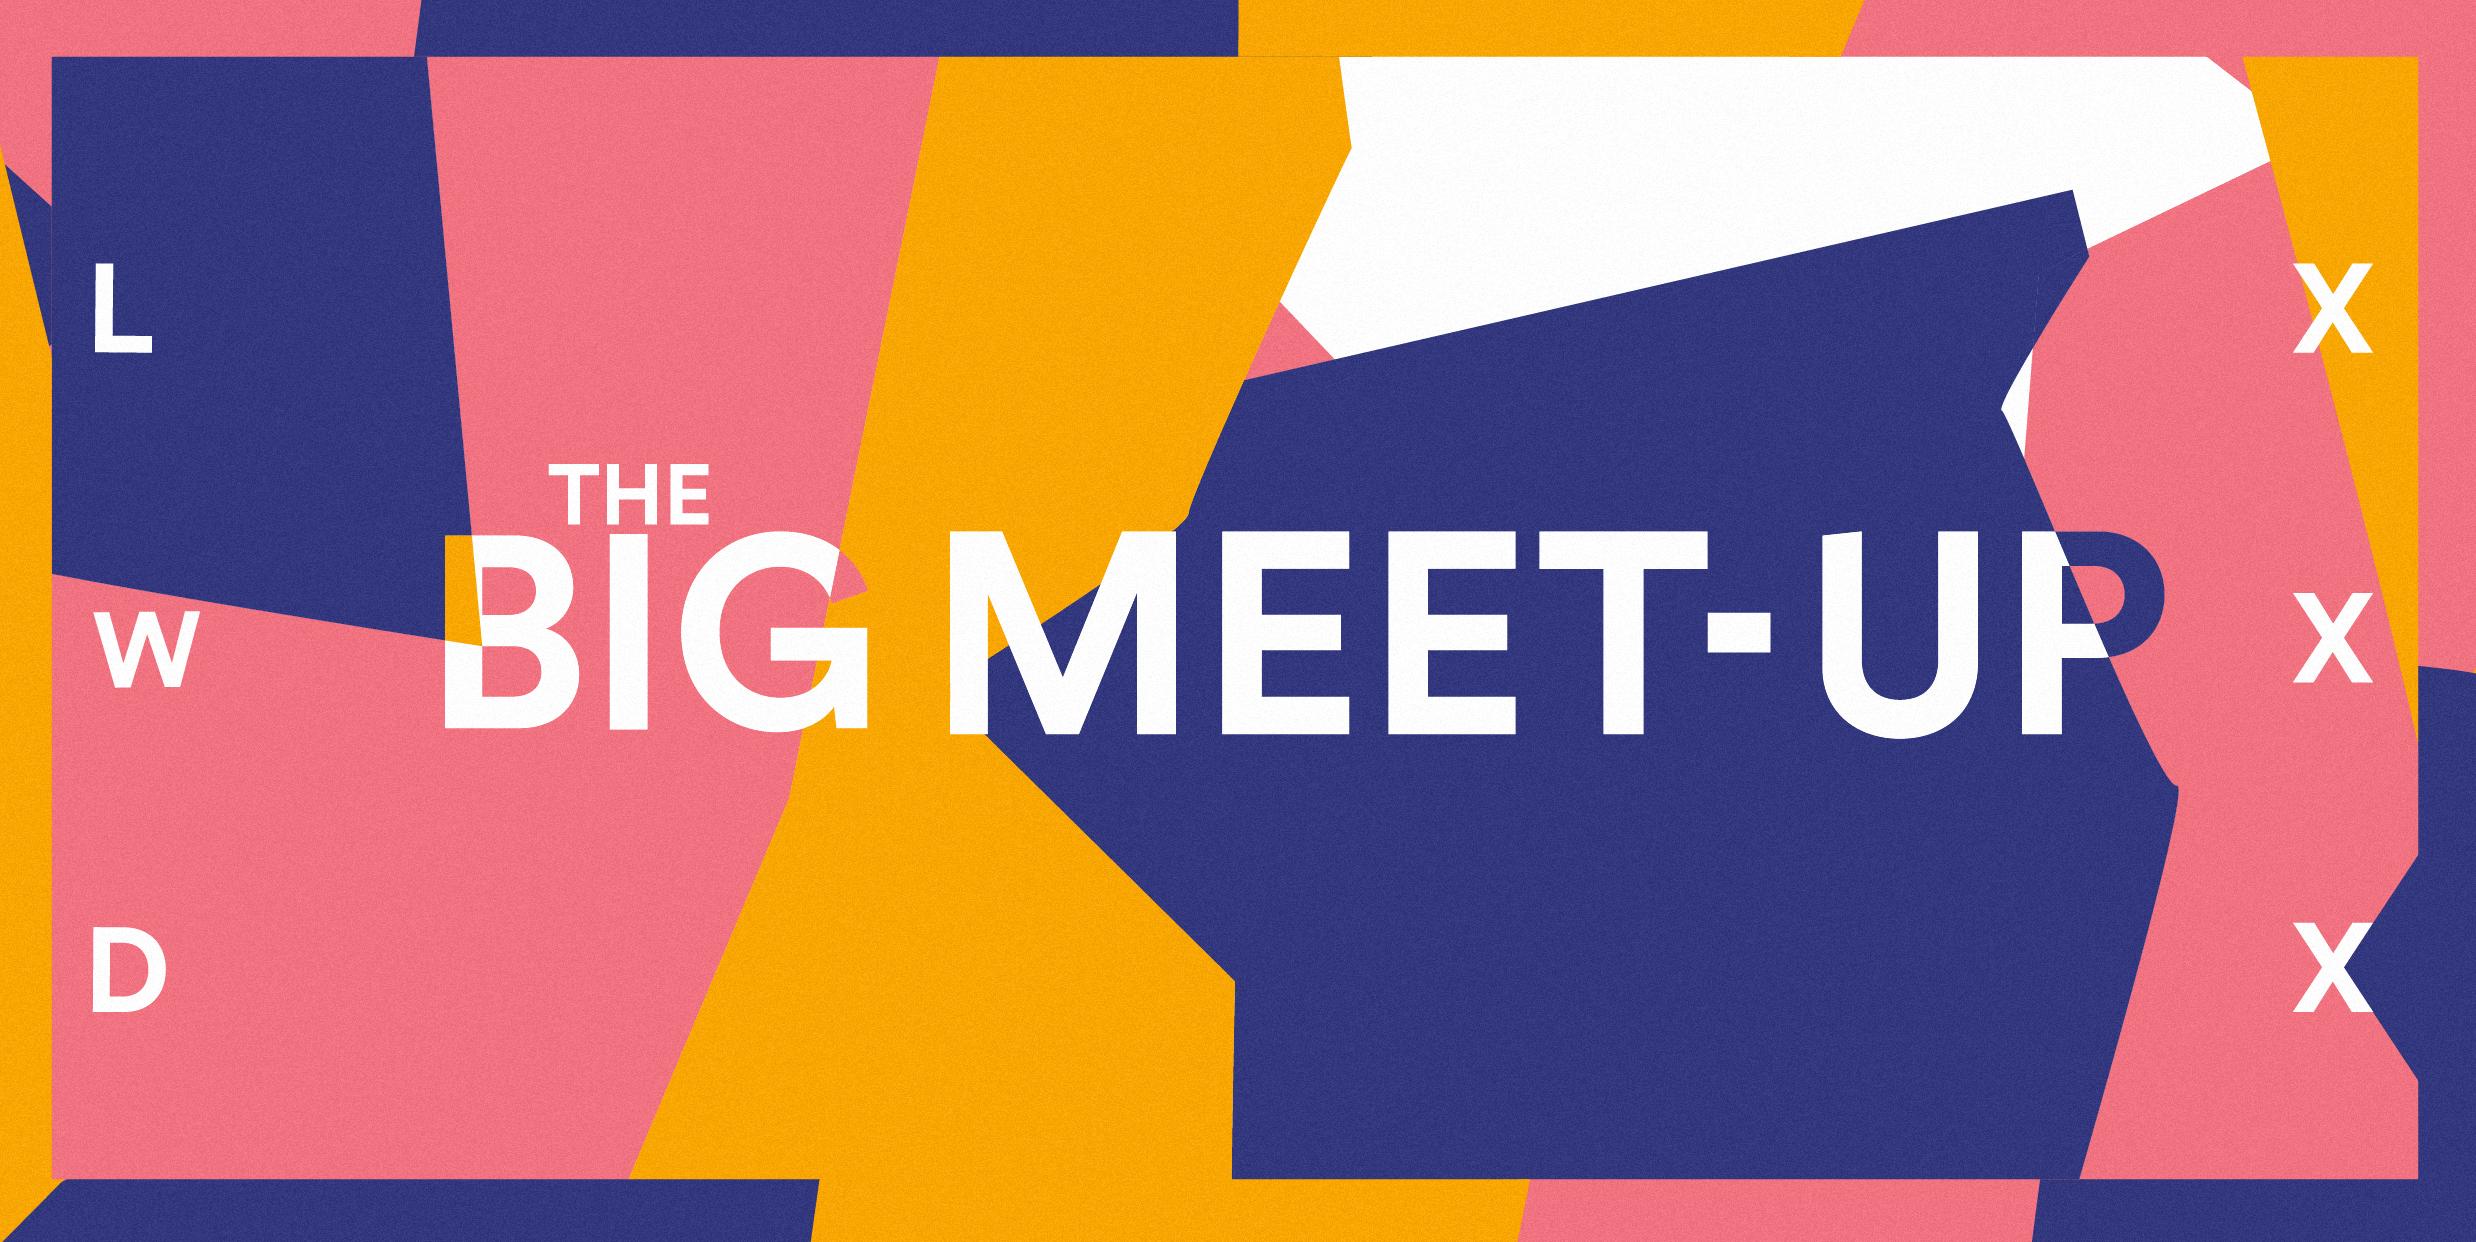 LWD_Big_Meetup_2-01.jpg